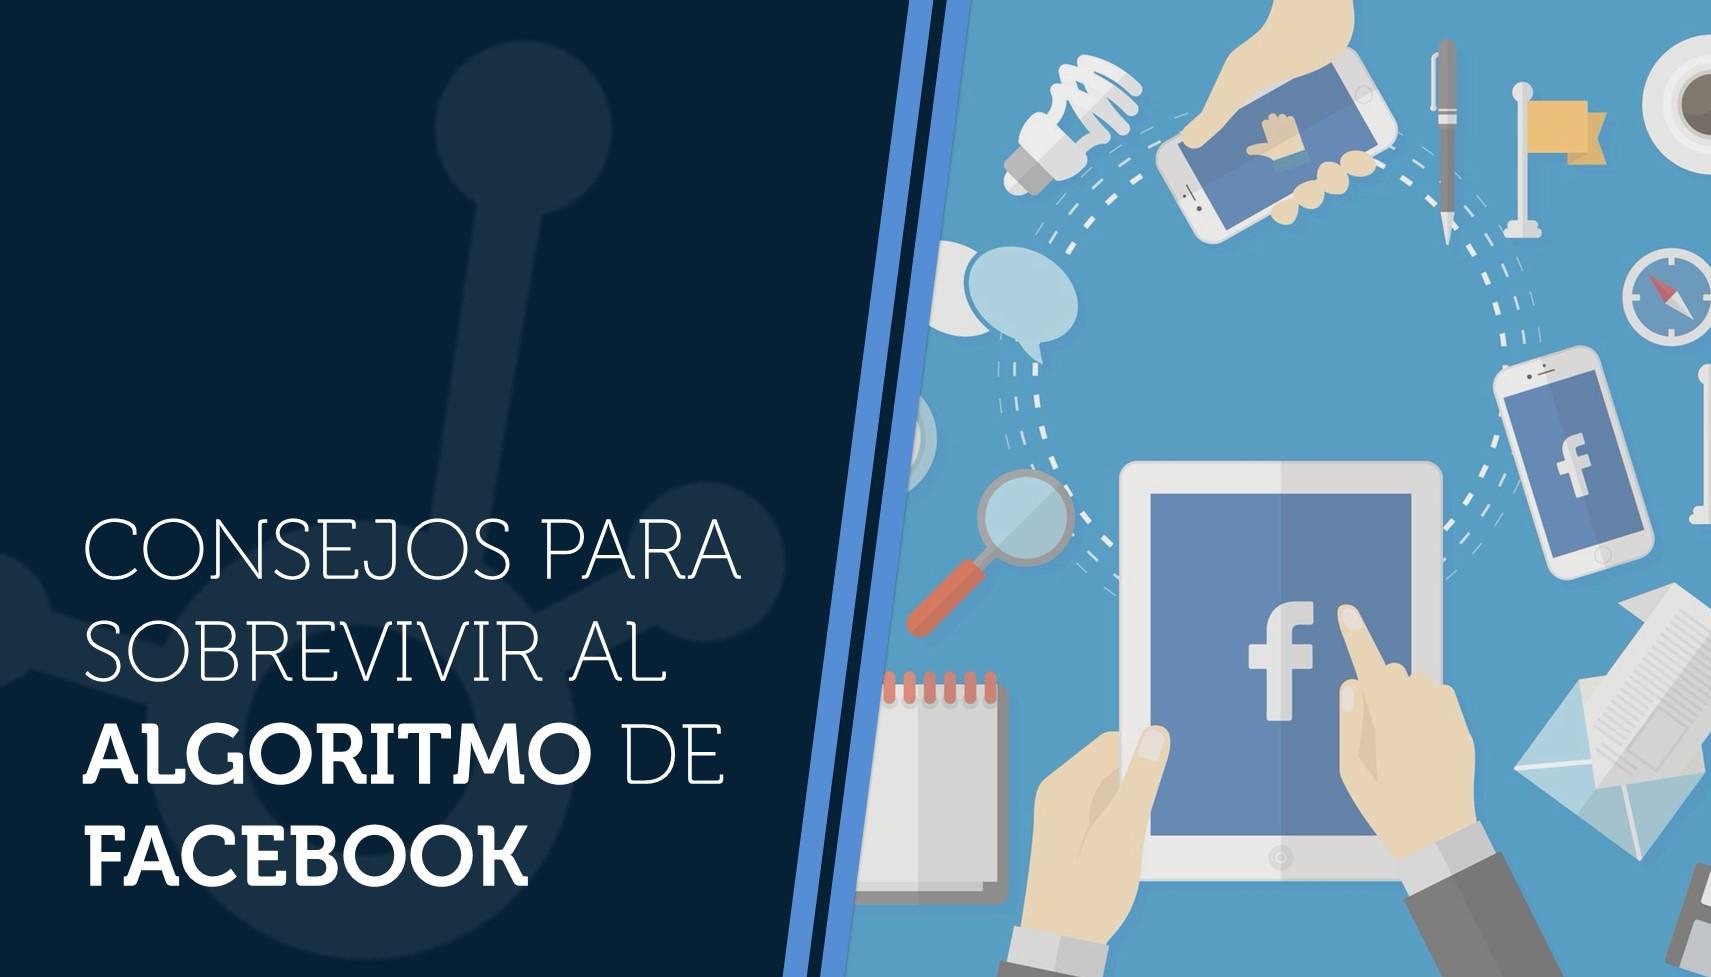 Consejos para sobrevivir al algoritmo de Facebook